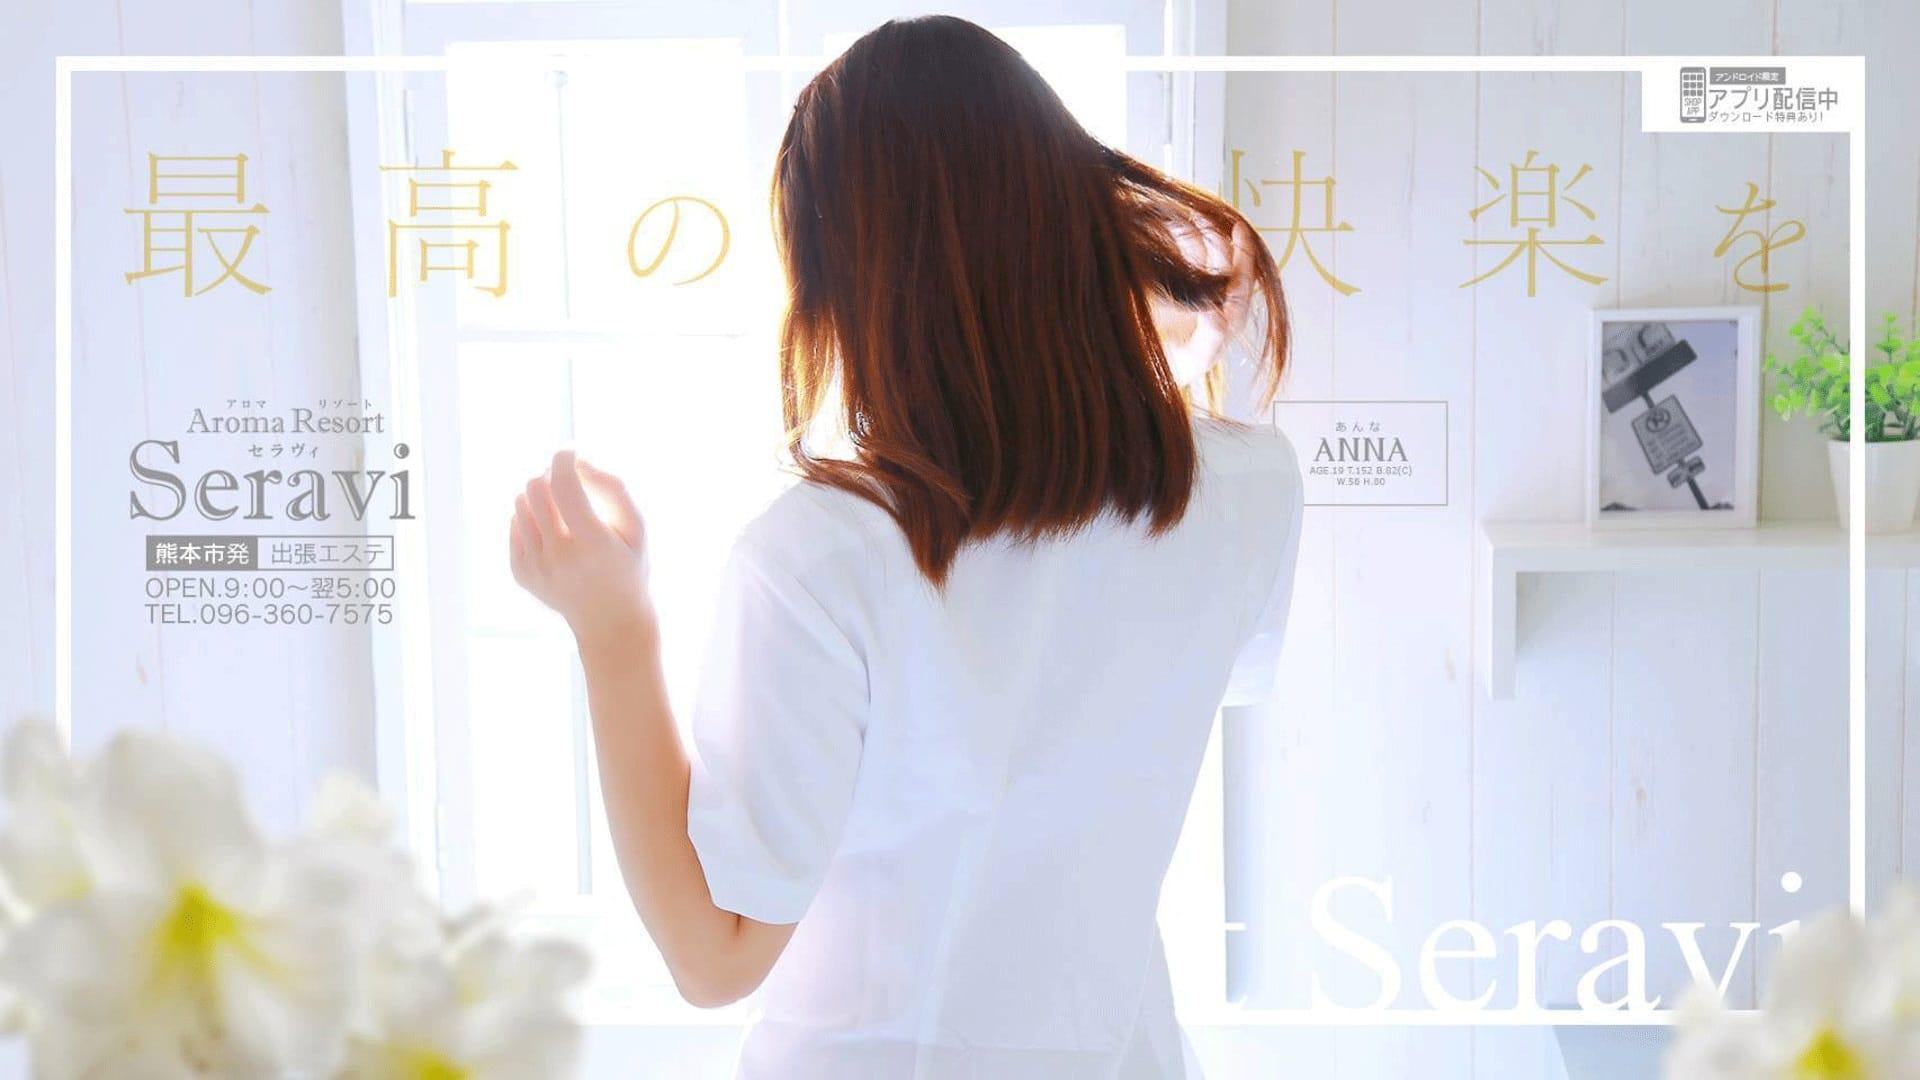 JPRグループ アロマ専門店 セラヴィ